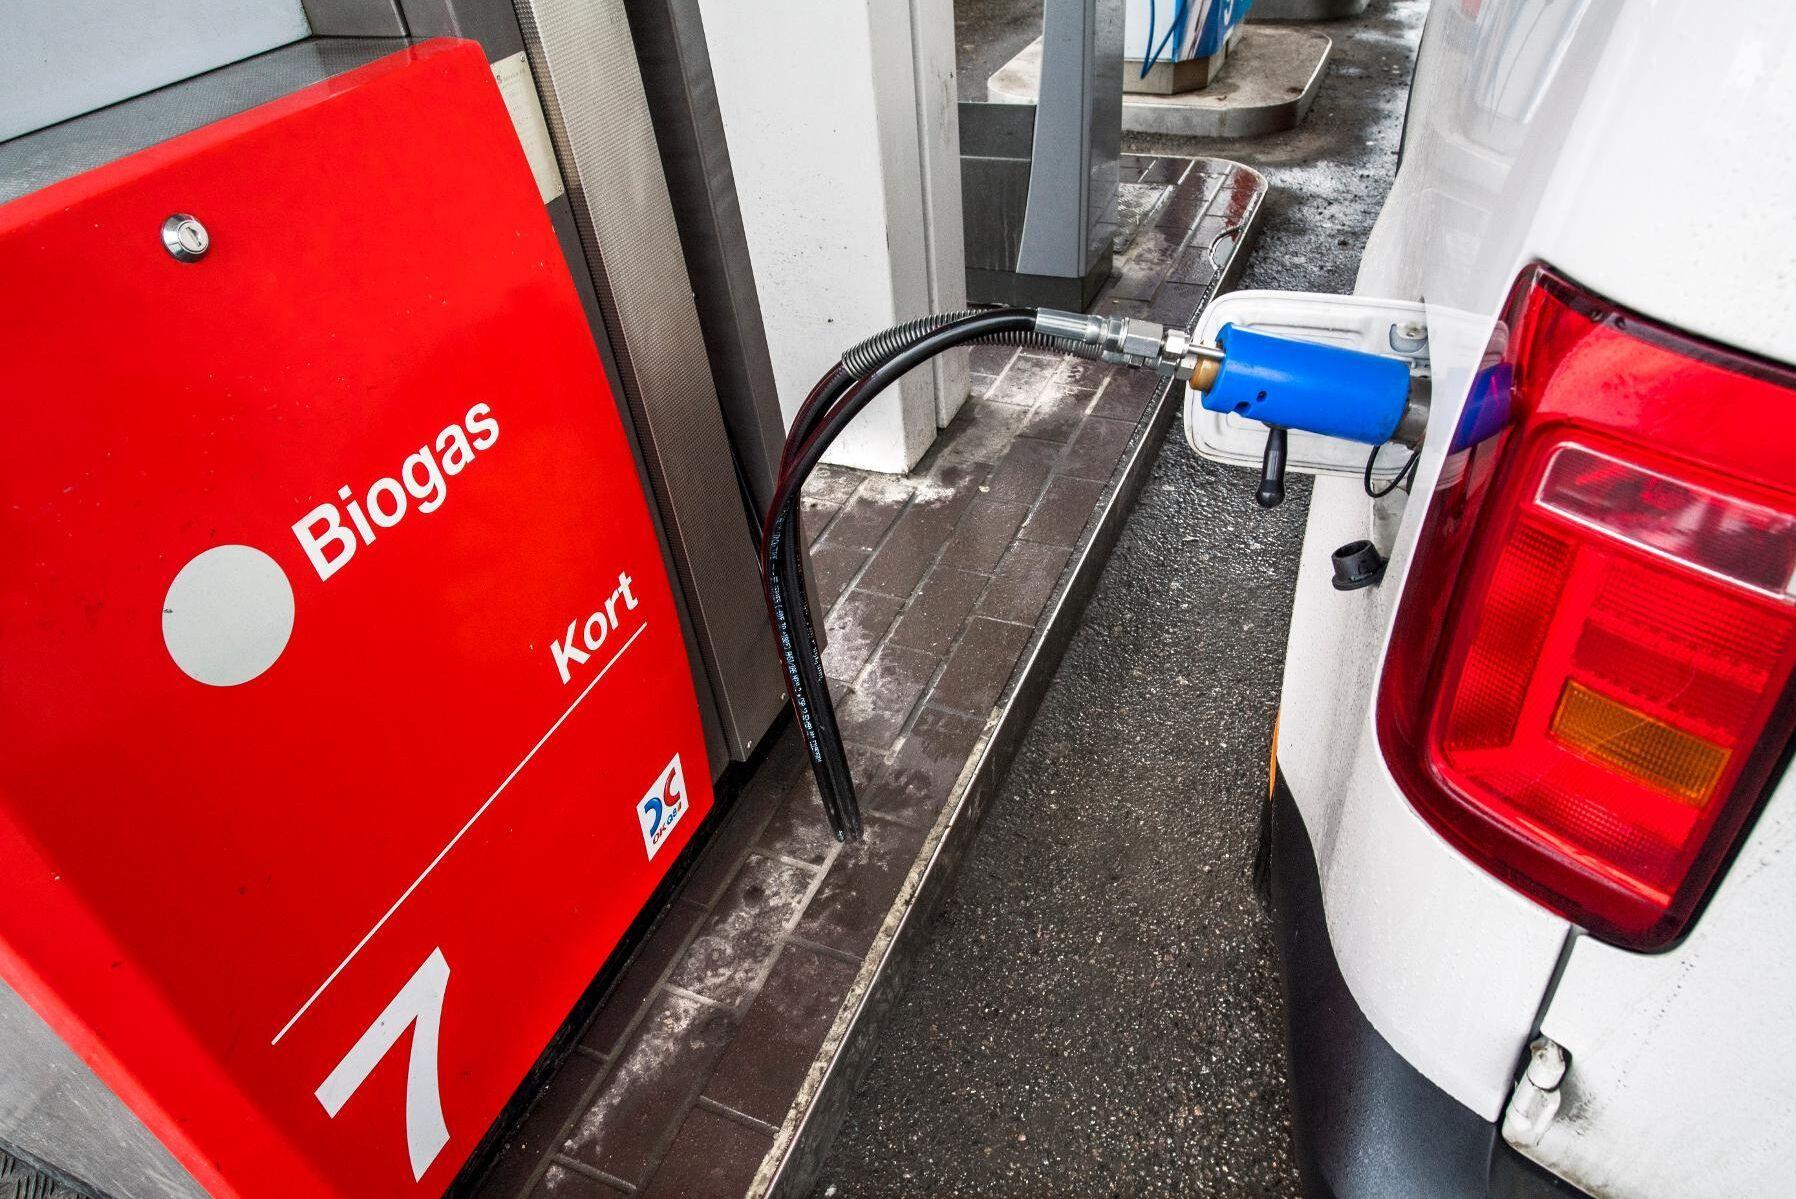 Regeringen vill att konvertering av en bensin- eller dieselbil till biodrivmedel, som biogas, ska ge en premie från och med 2022.